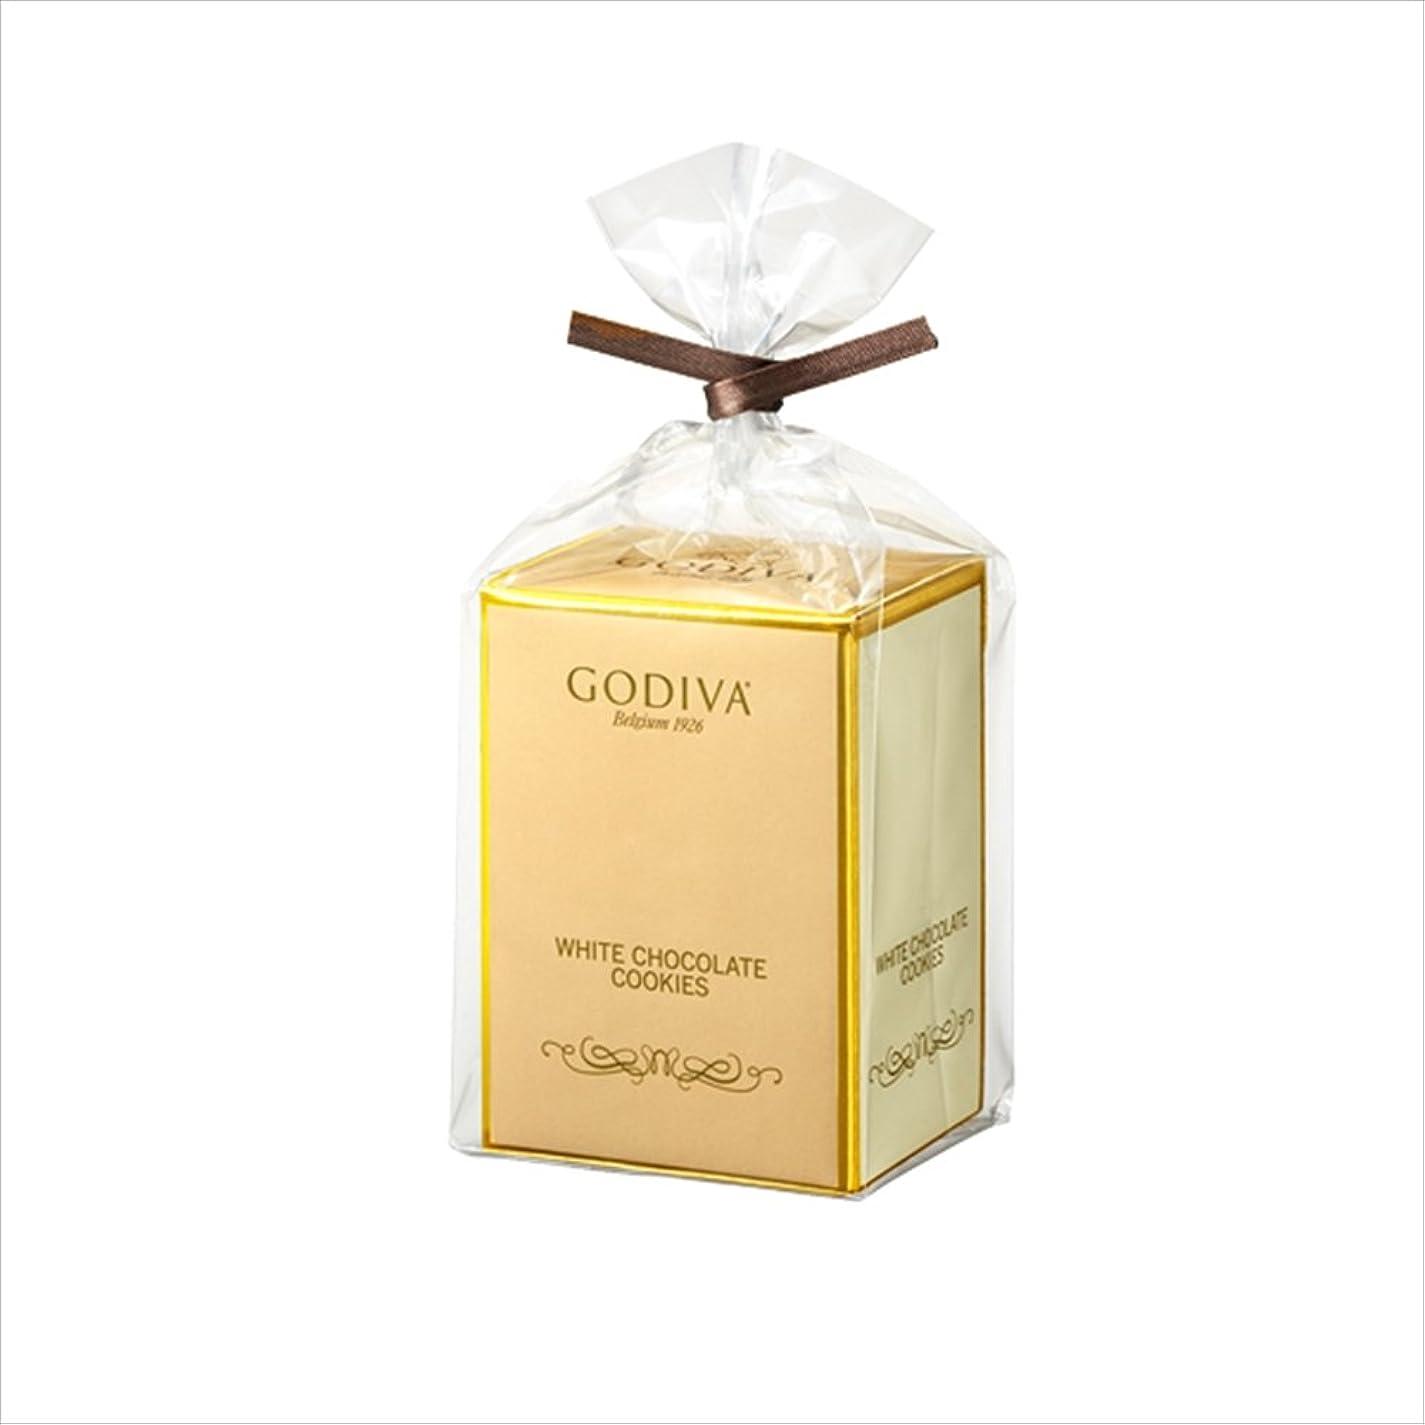 作者ページェント半径ゴディバ (GODIVA) ホワイトチョコレートクッキー 5枚